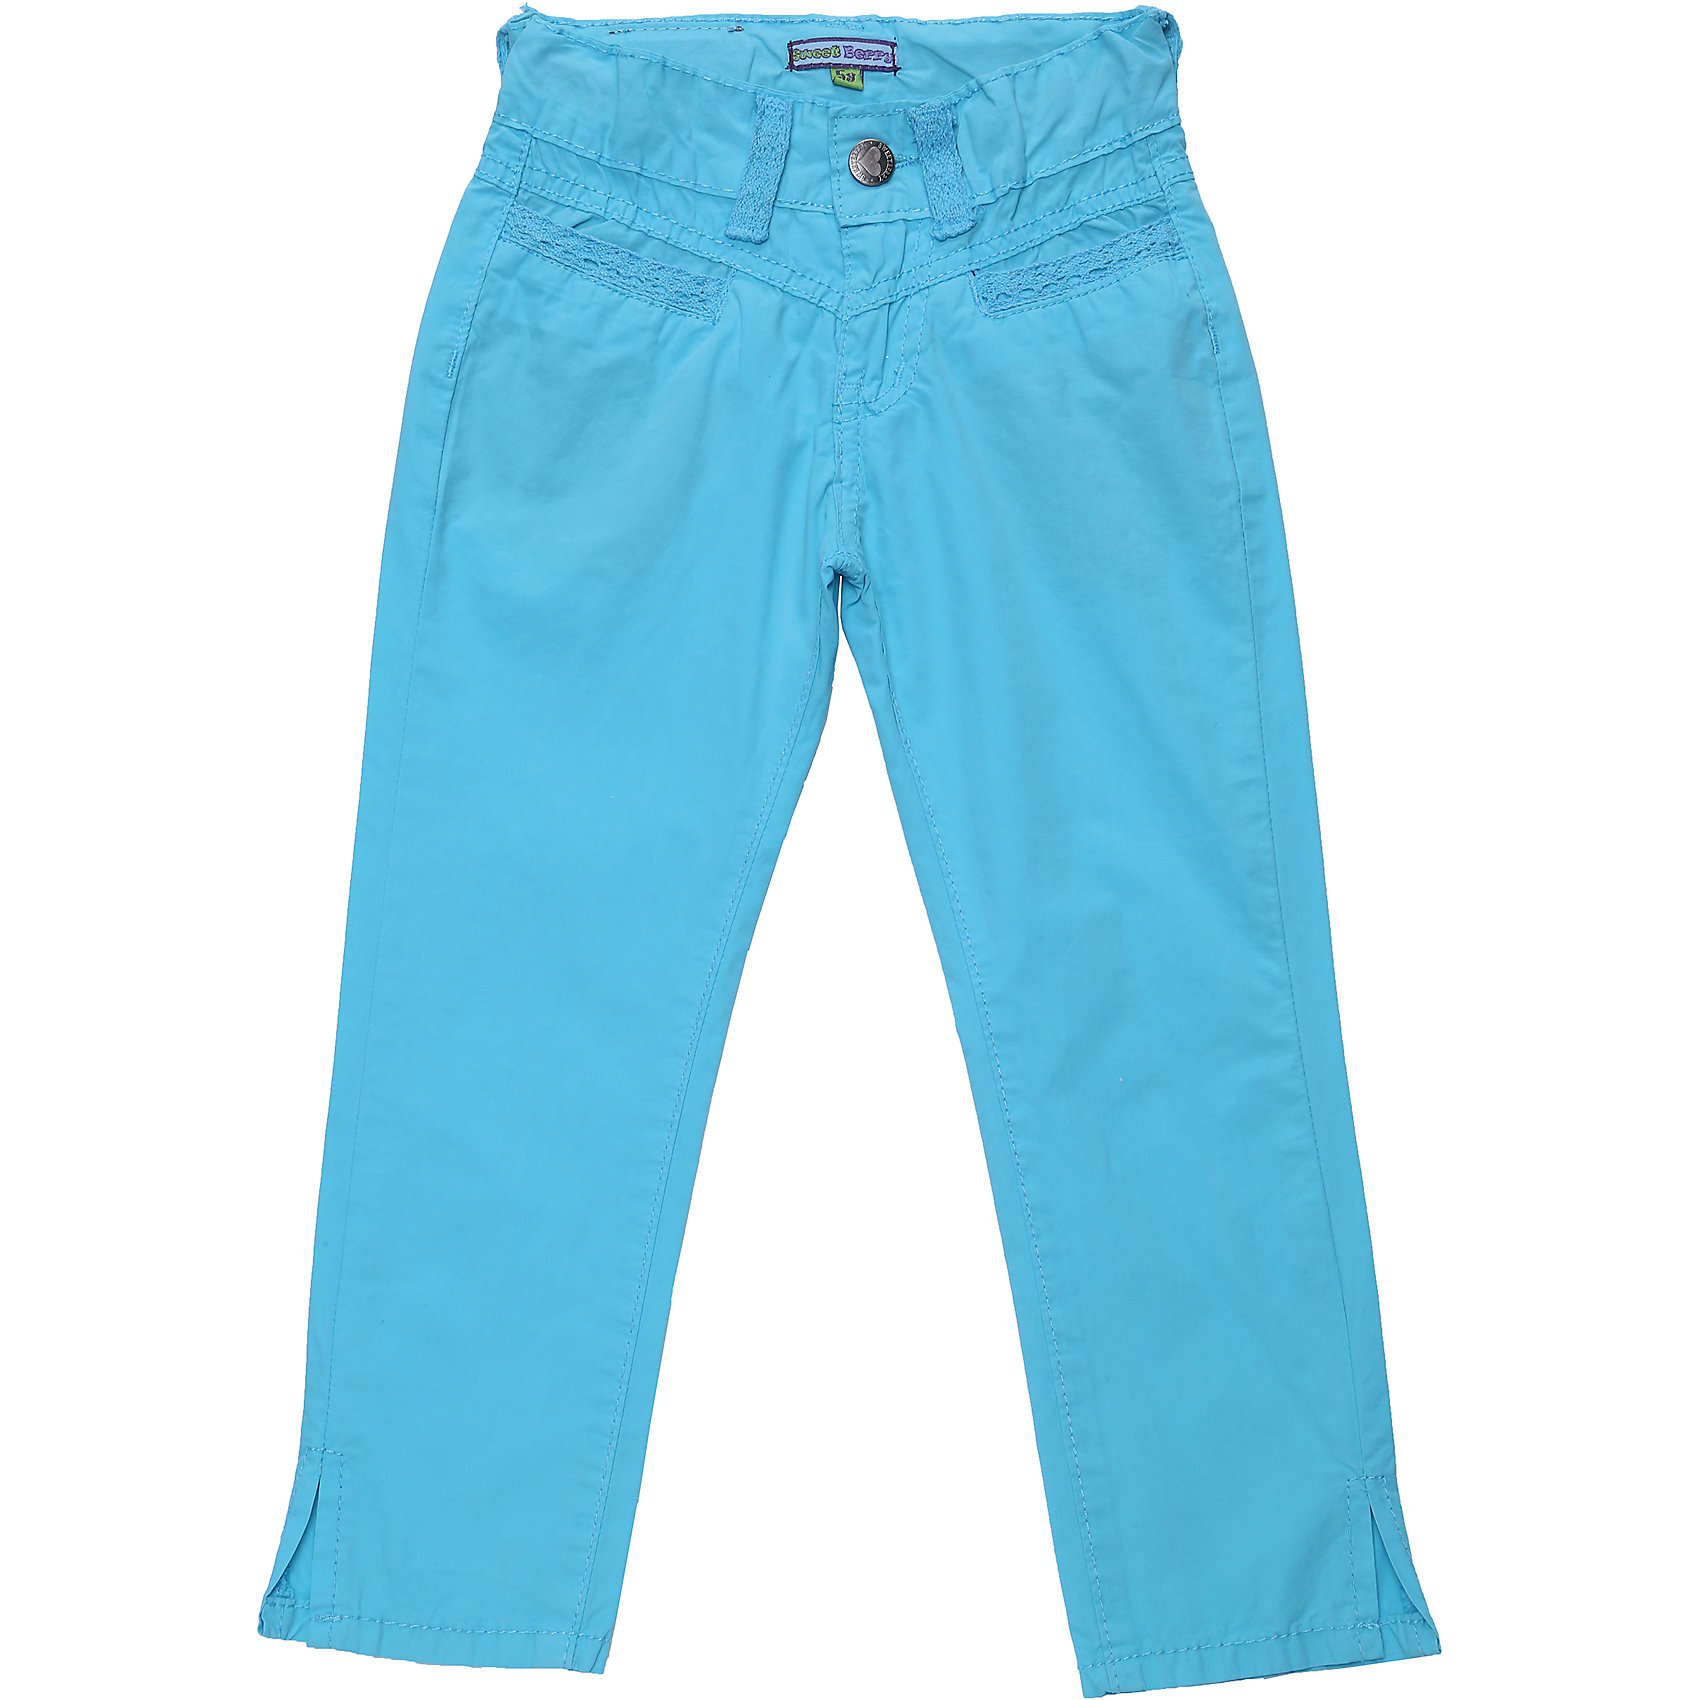 Брюки для девочки Sweet BerryТекстильные летние брюки. Декорированы ажурной тесьмой. Снизу небольшие разрезы. Пояс регулируется внутренней резинкой.<br>Состав:<br>100% хлопок<br><br>Ширина мм: 215<br>Глубина мм: 88<br>Высота мм: 191<br>Вес г: 336<br>Цвет: голубой<br>Возраст от месяцев: 48<br>Возраст до месяцев: 60<br>Пол: Женский<br>Возраст: Детский<br>Размер: 110,116,104,98,128,122<br>SKU: 4019363